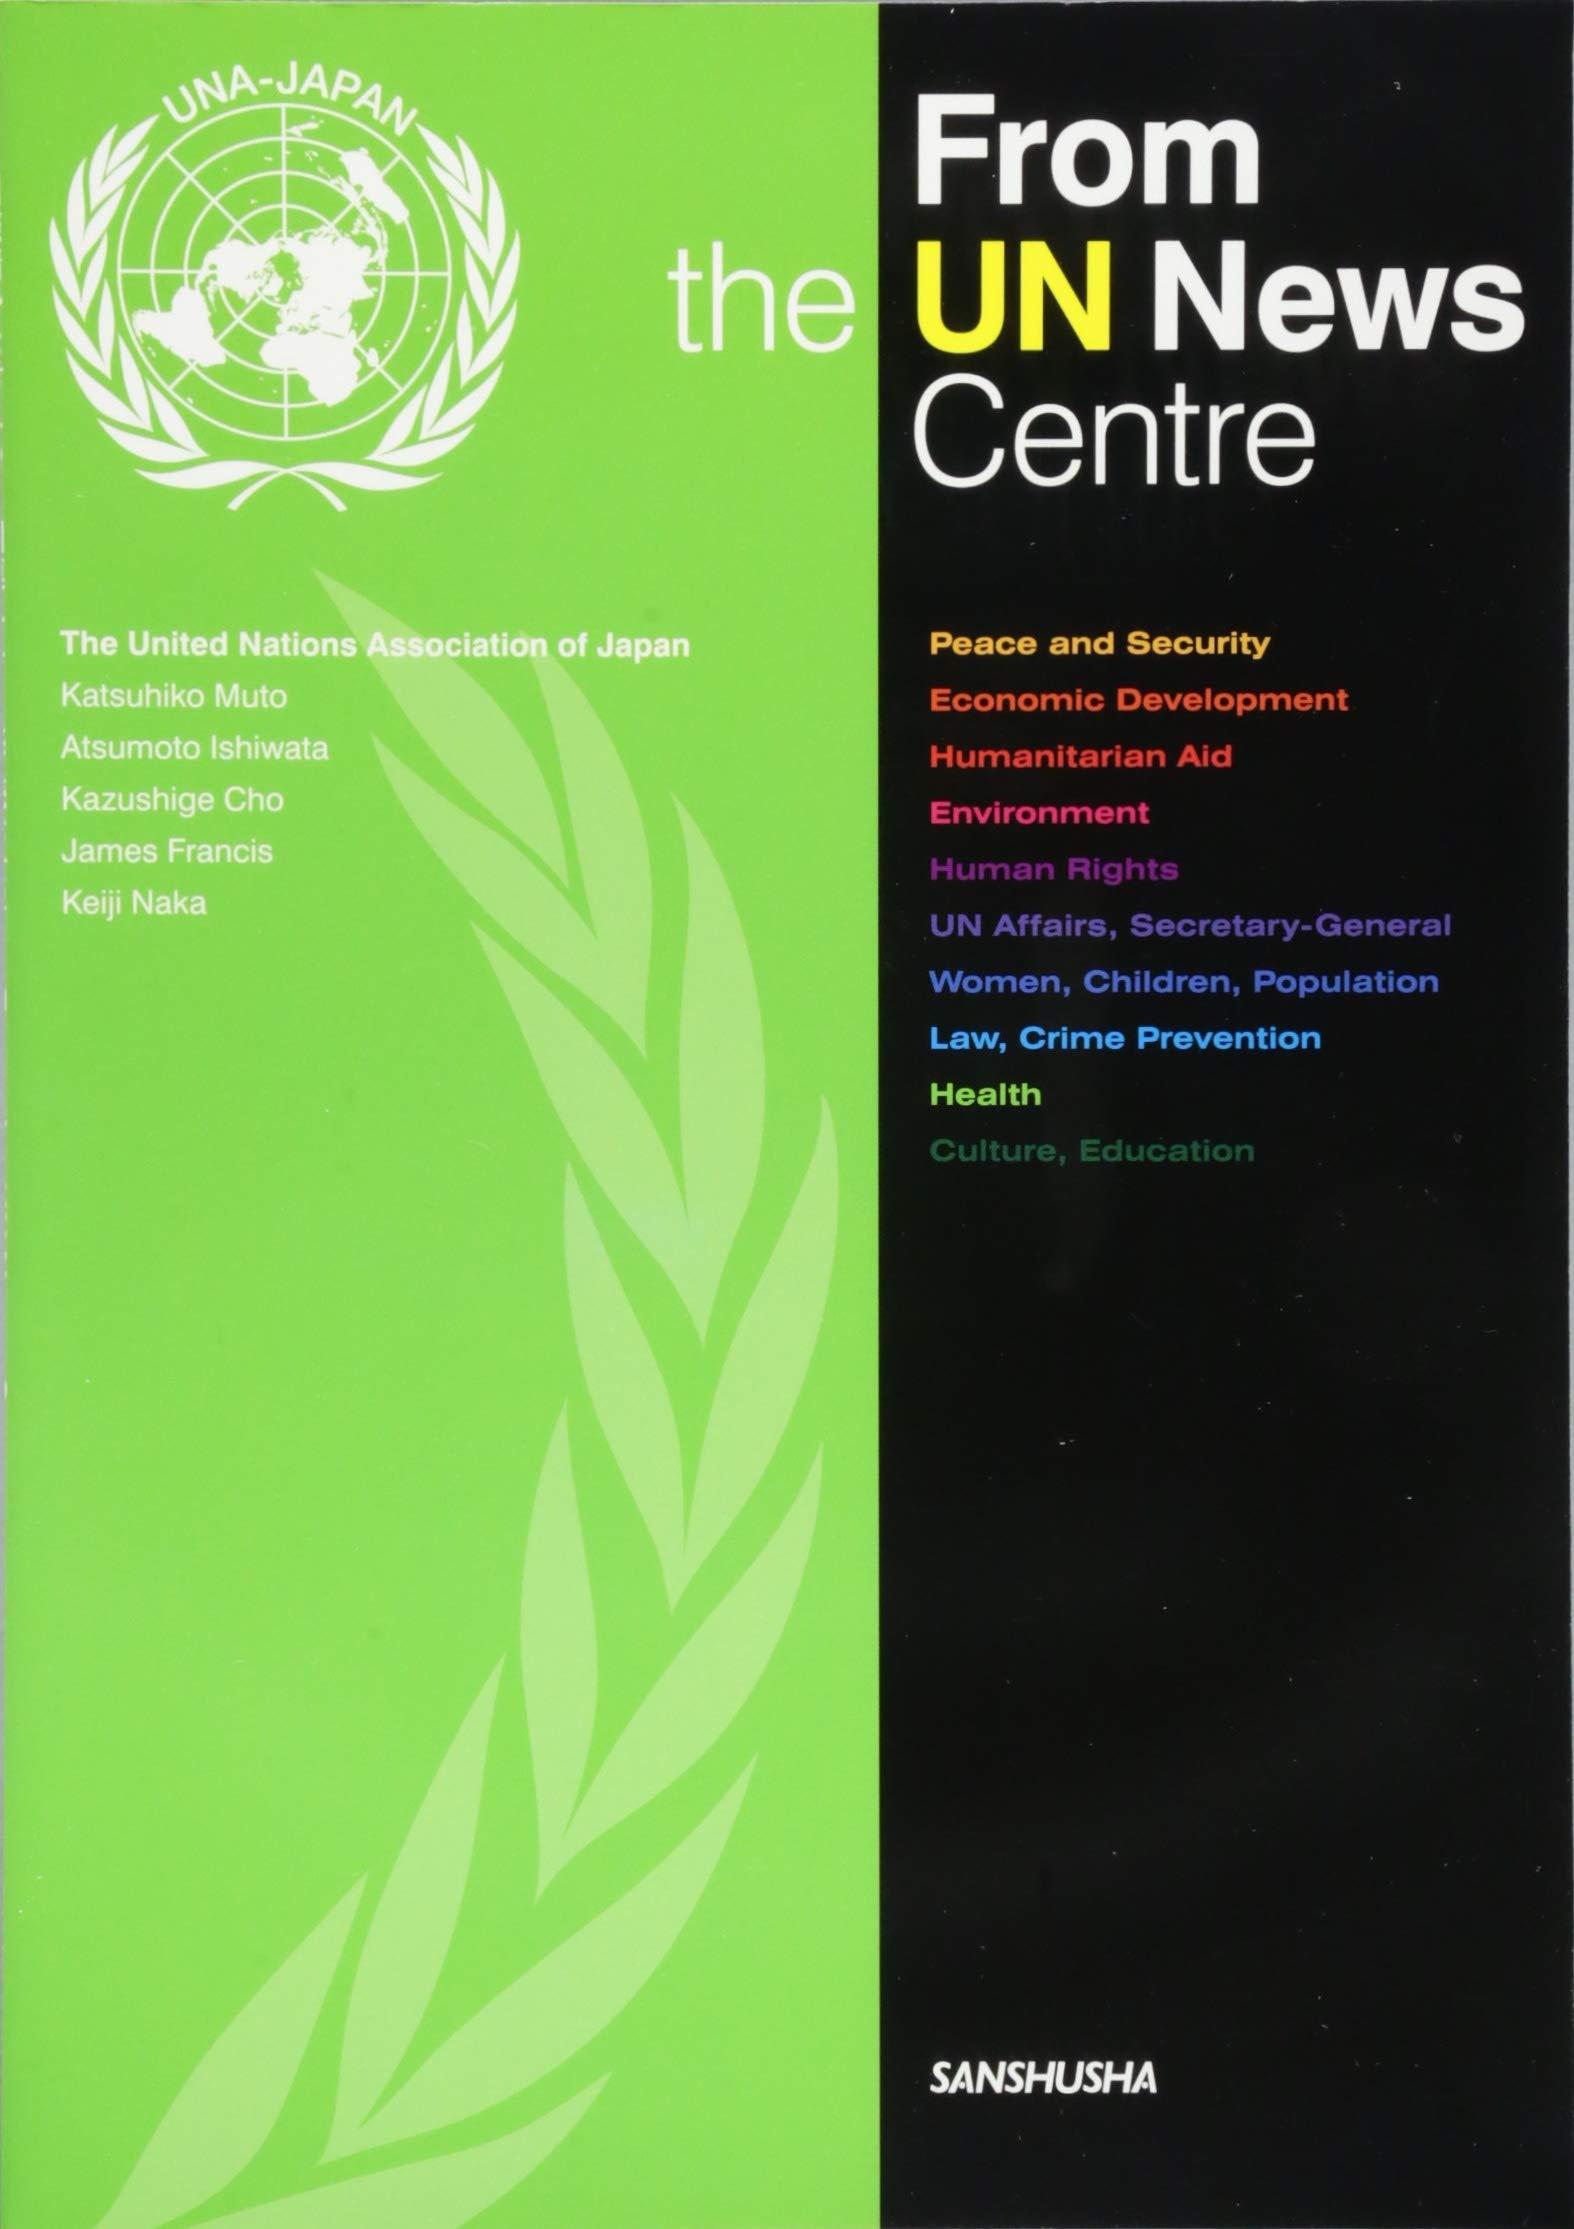 国際情勢を考える──国連ニュースで読む世界